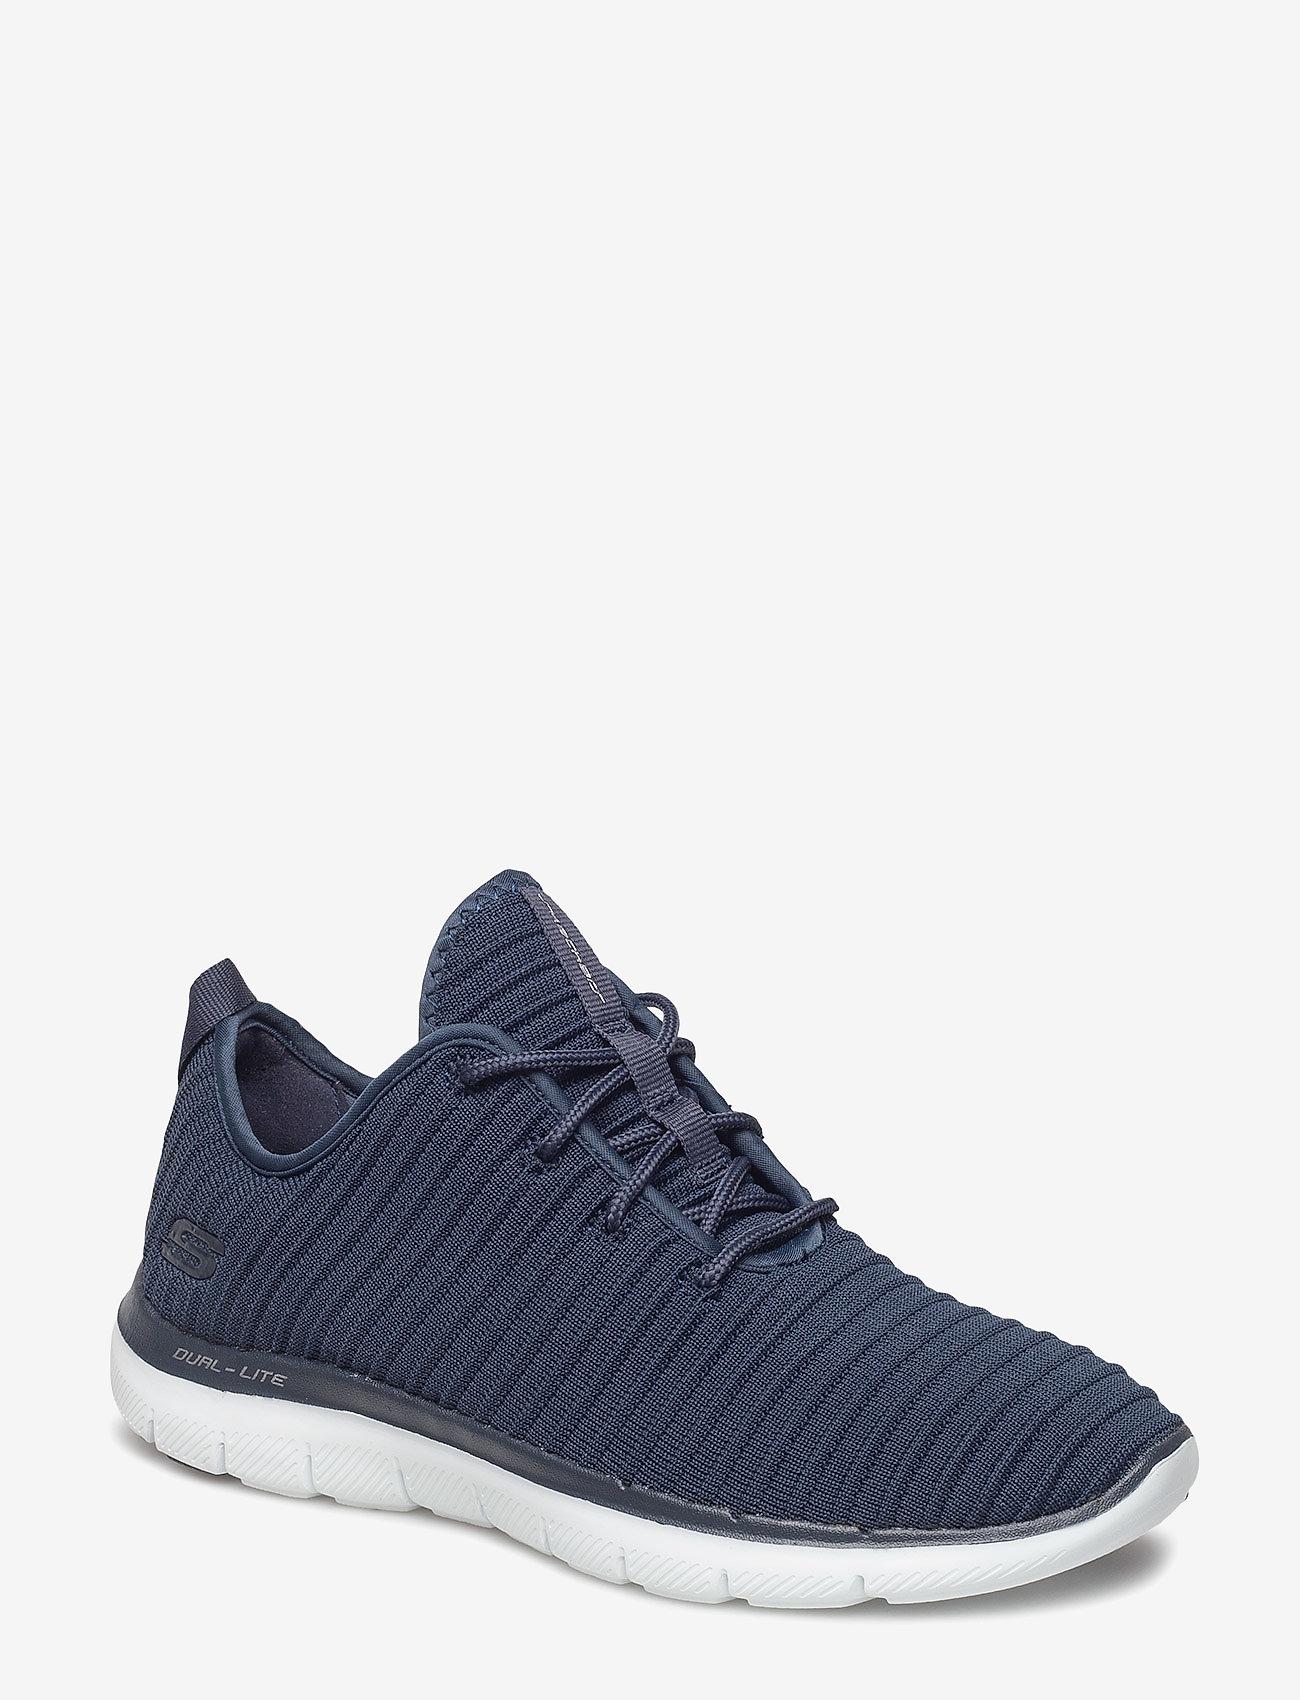 Skechers - Womens Flex Appeal 2.0 - Estates - sneakers med lav ankel - nvy navy - 0